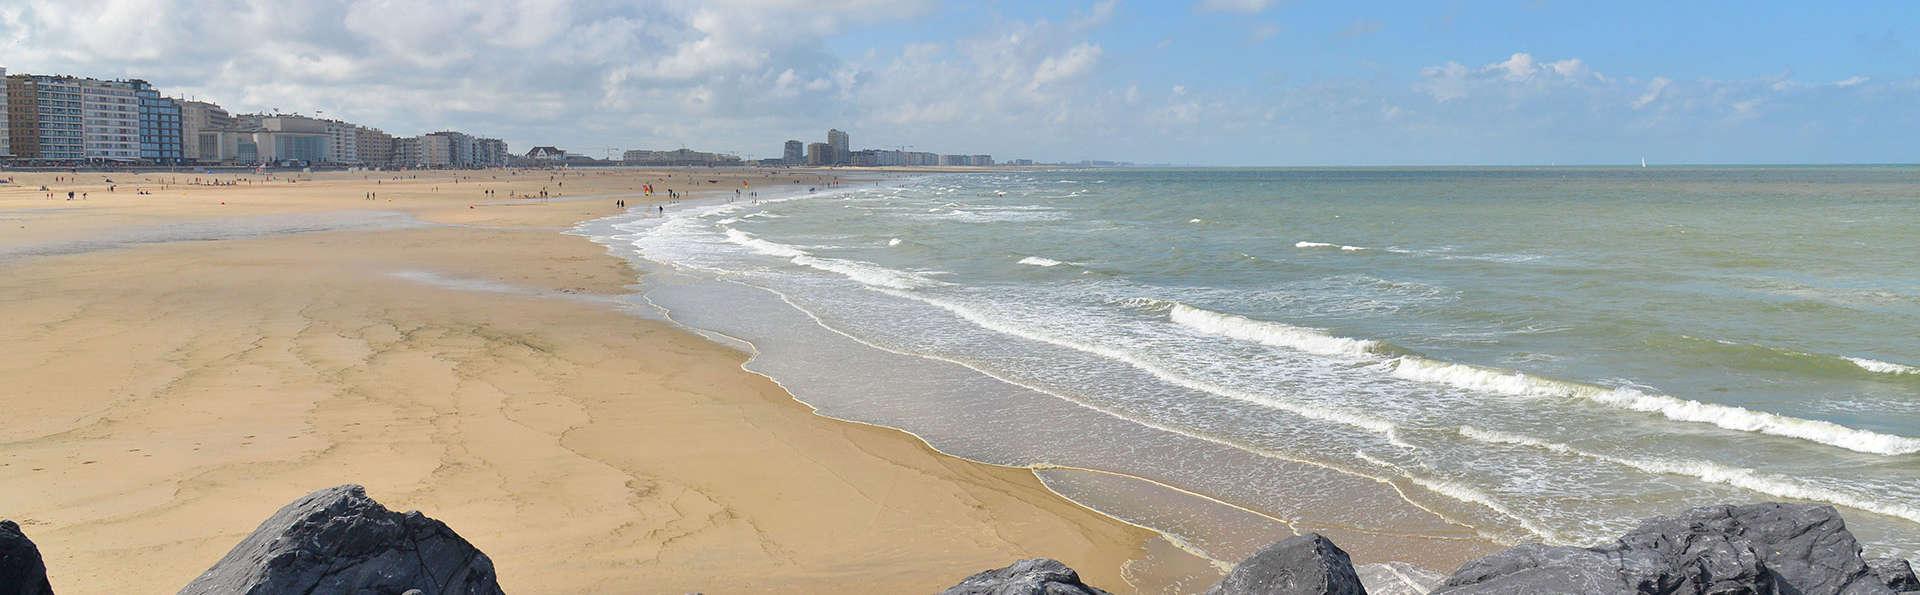 Spécial Early Booking : bouffée d'air frais sur la côte belge à Ostende